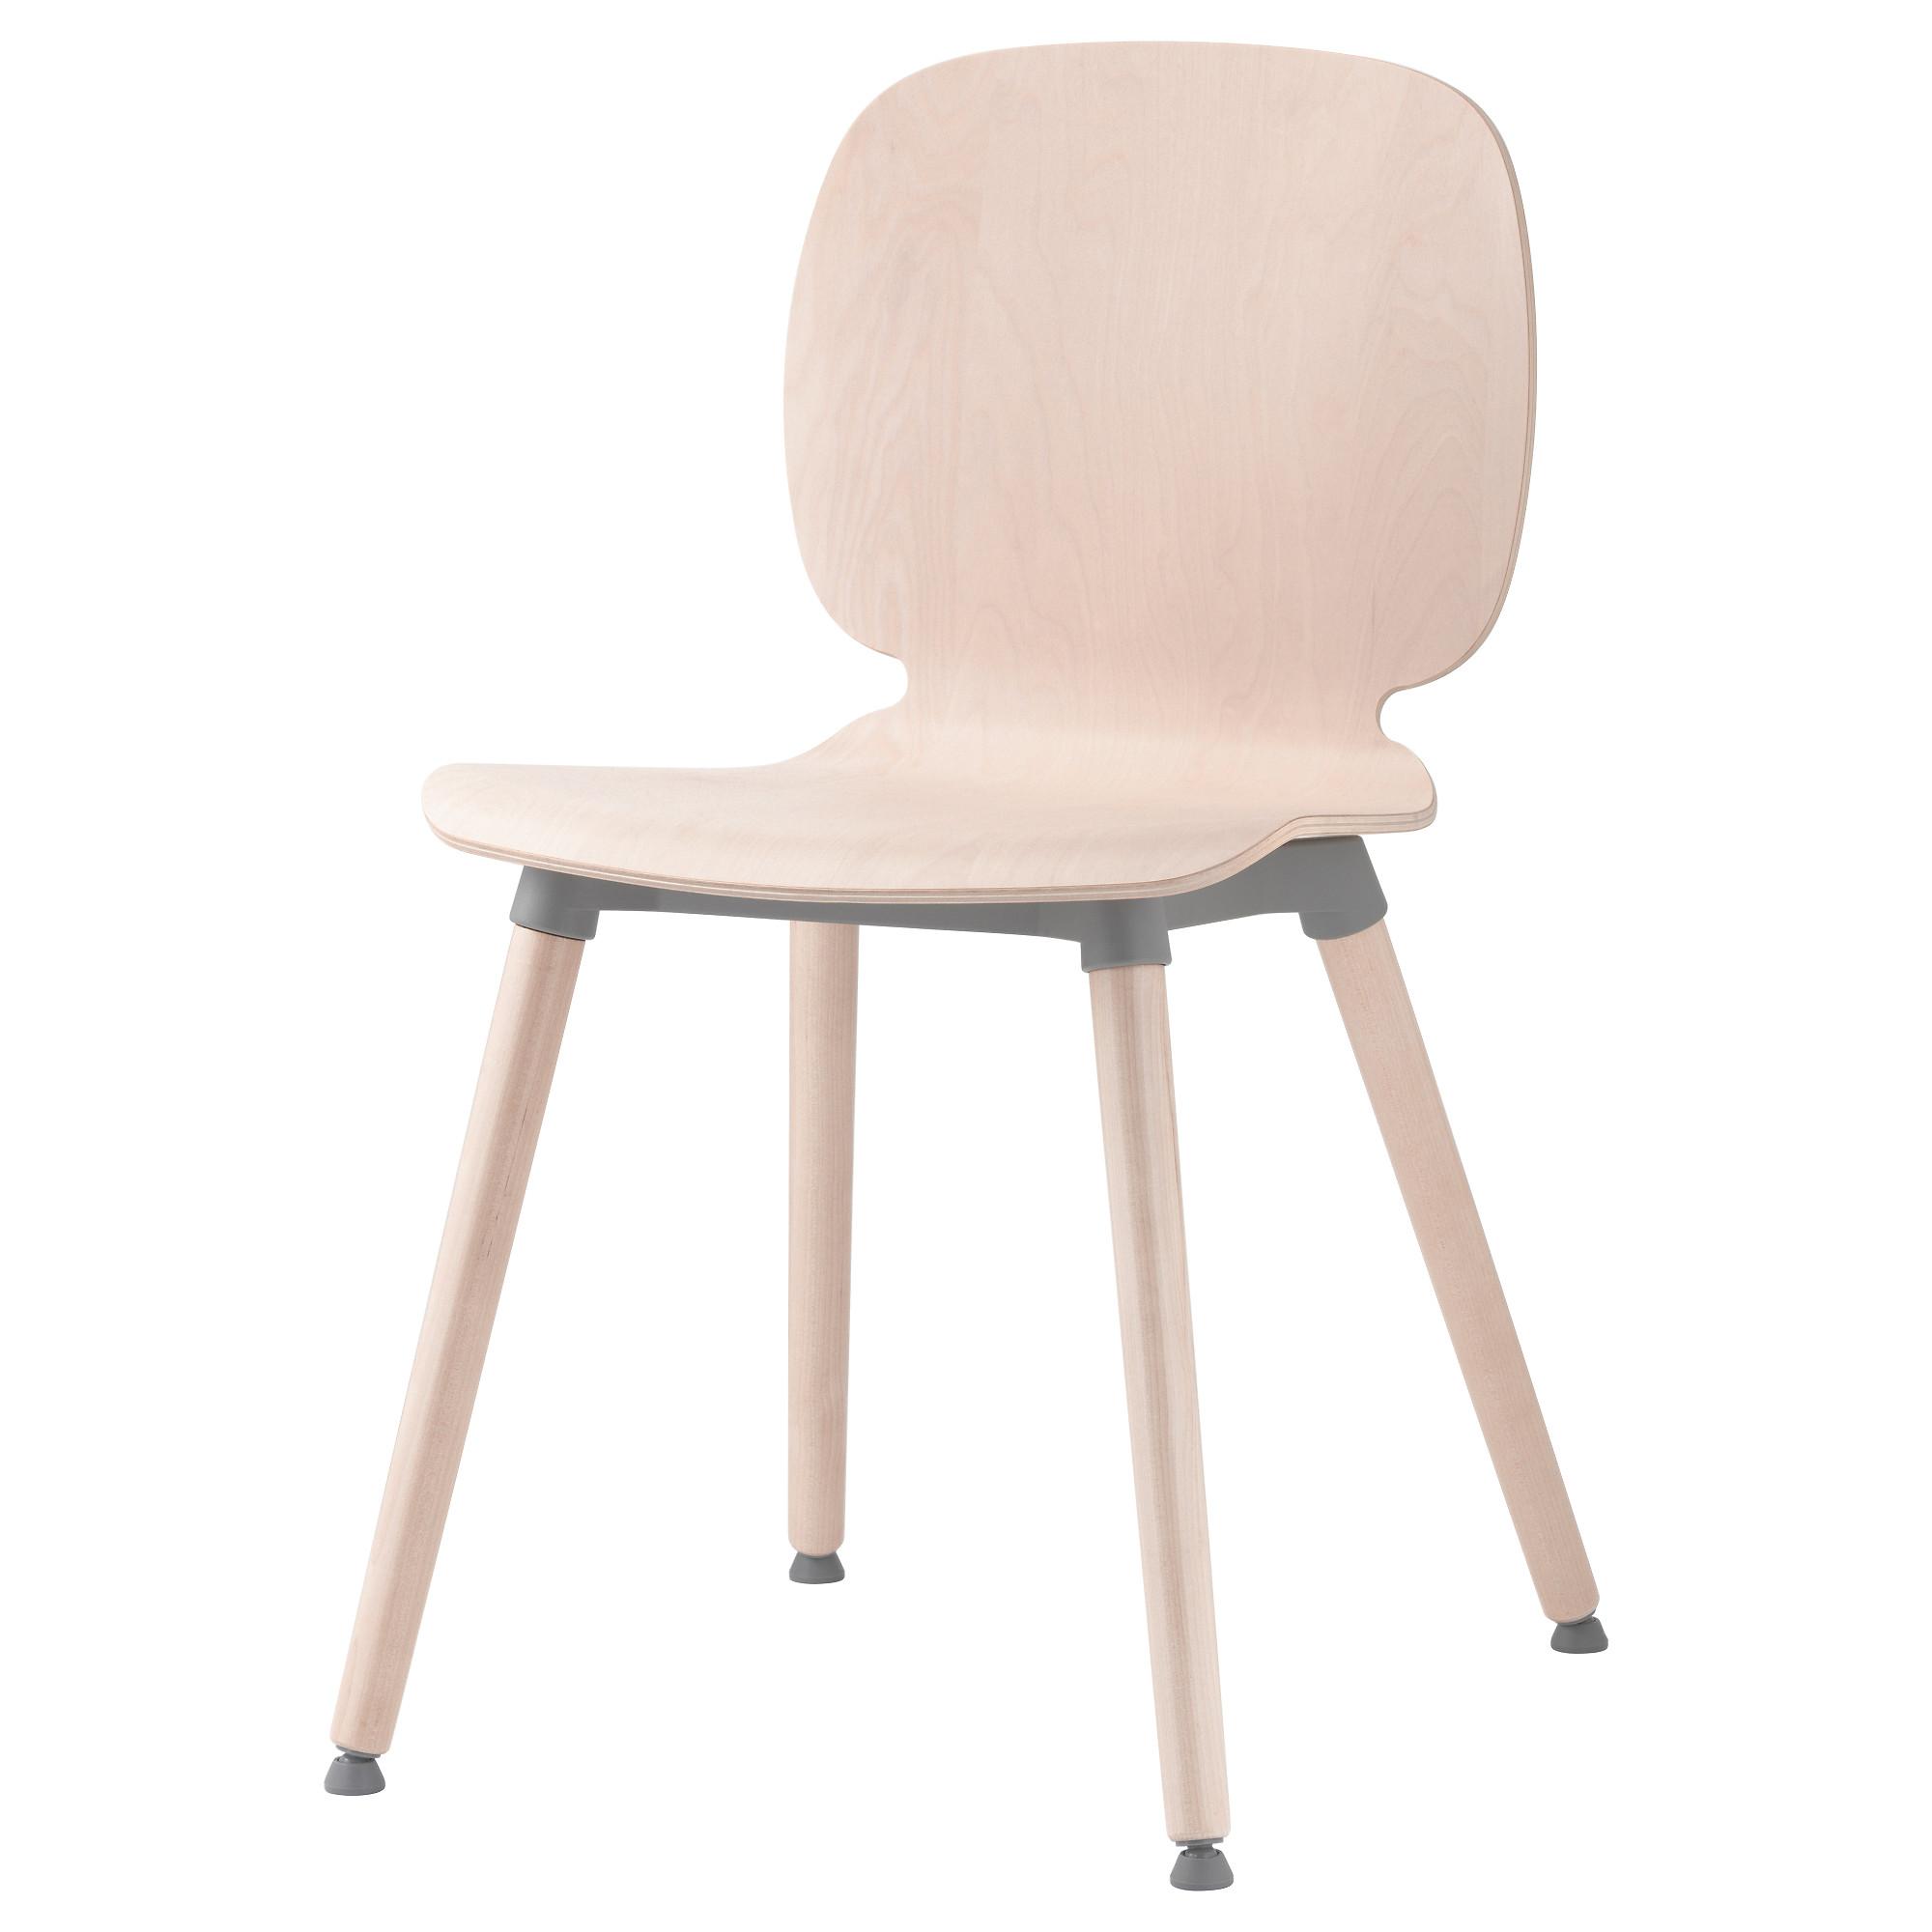 Икеа екатеринбург каталог товаров и цены 2015 официальный сайт стулья